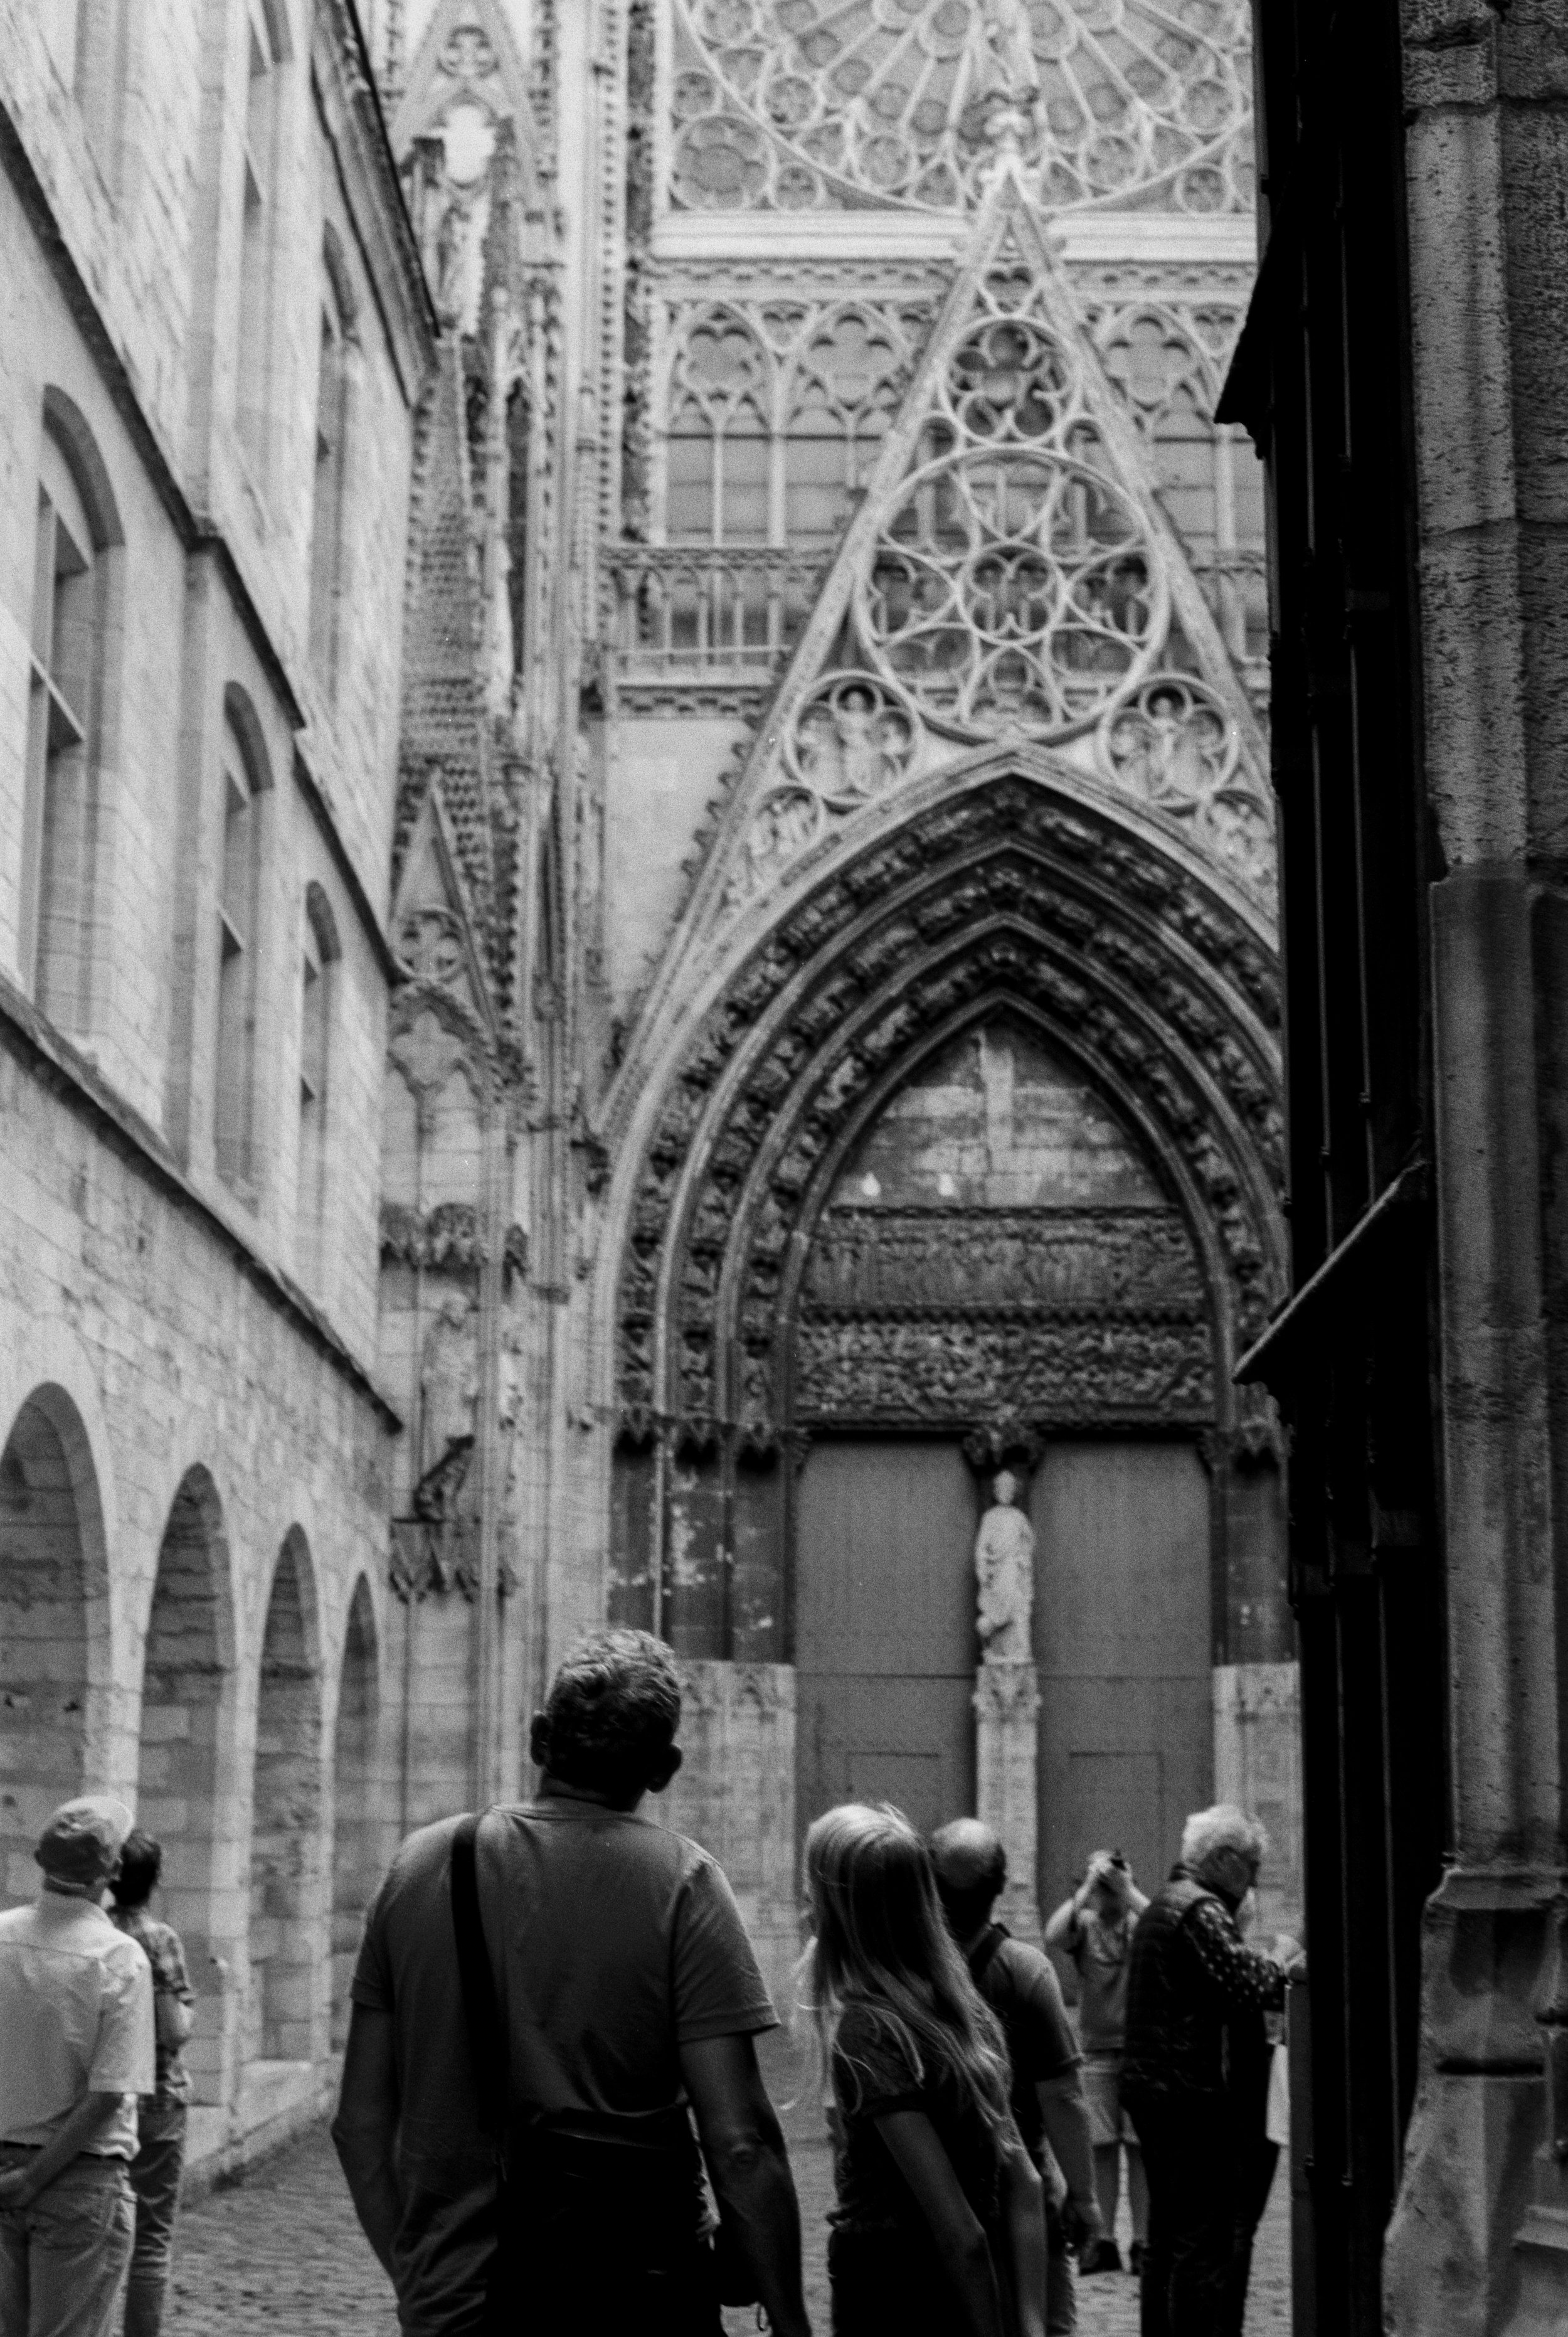 TaraShupe_NormandyFrance_MinoltaFilm_Vintage_002.jpg